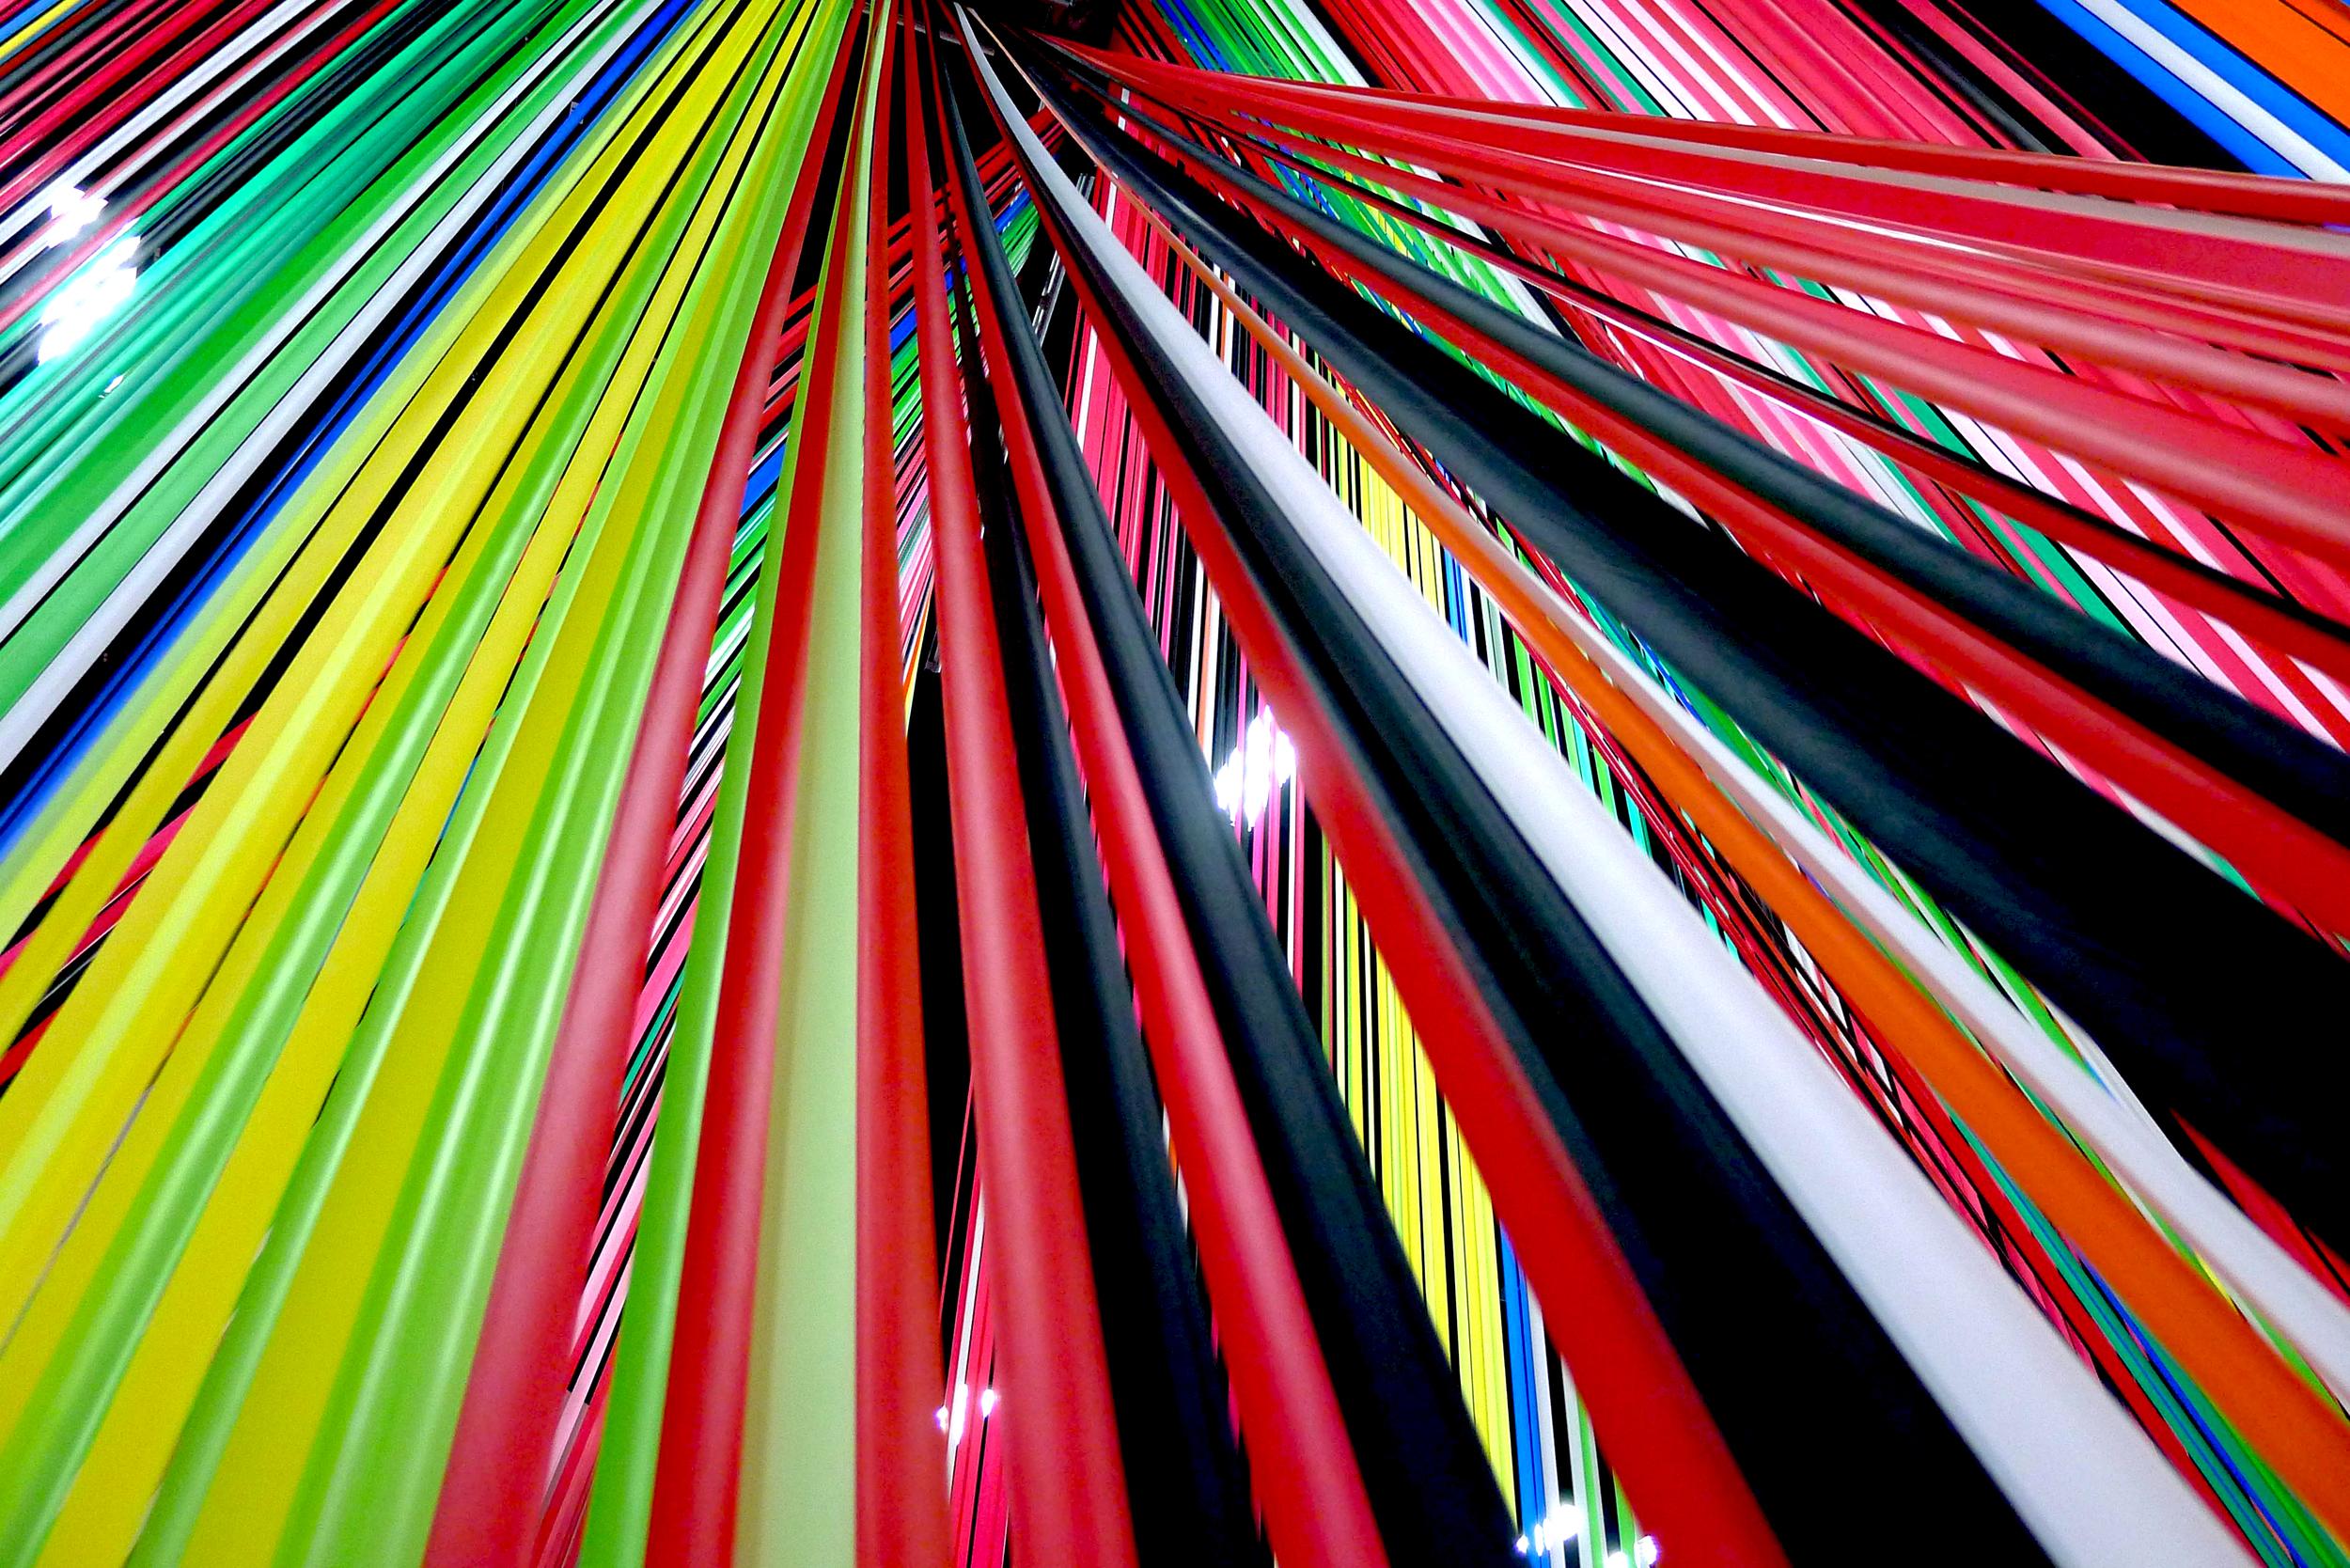 Ribbons-Closeup.jpg